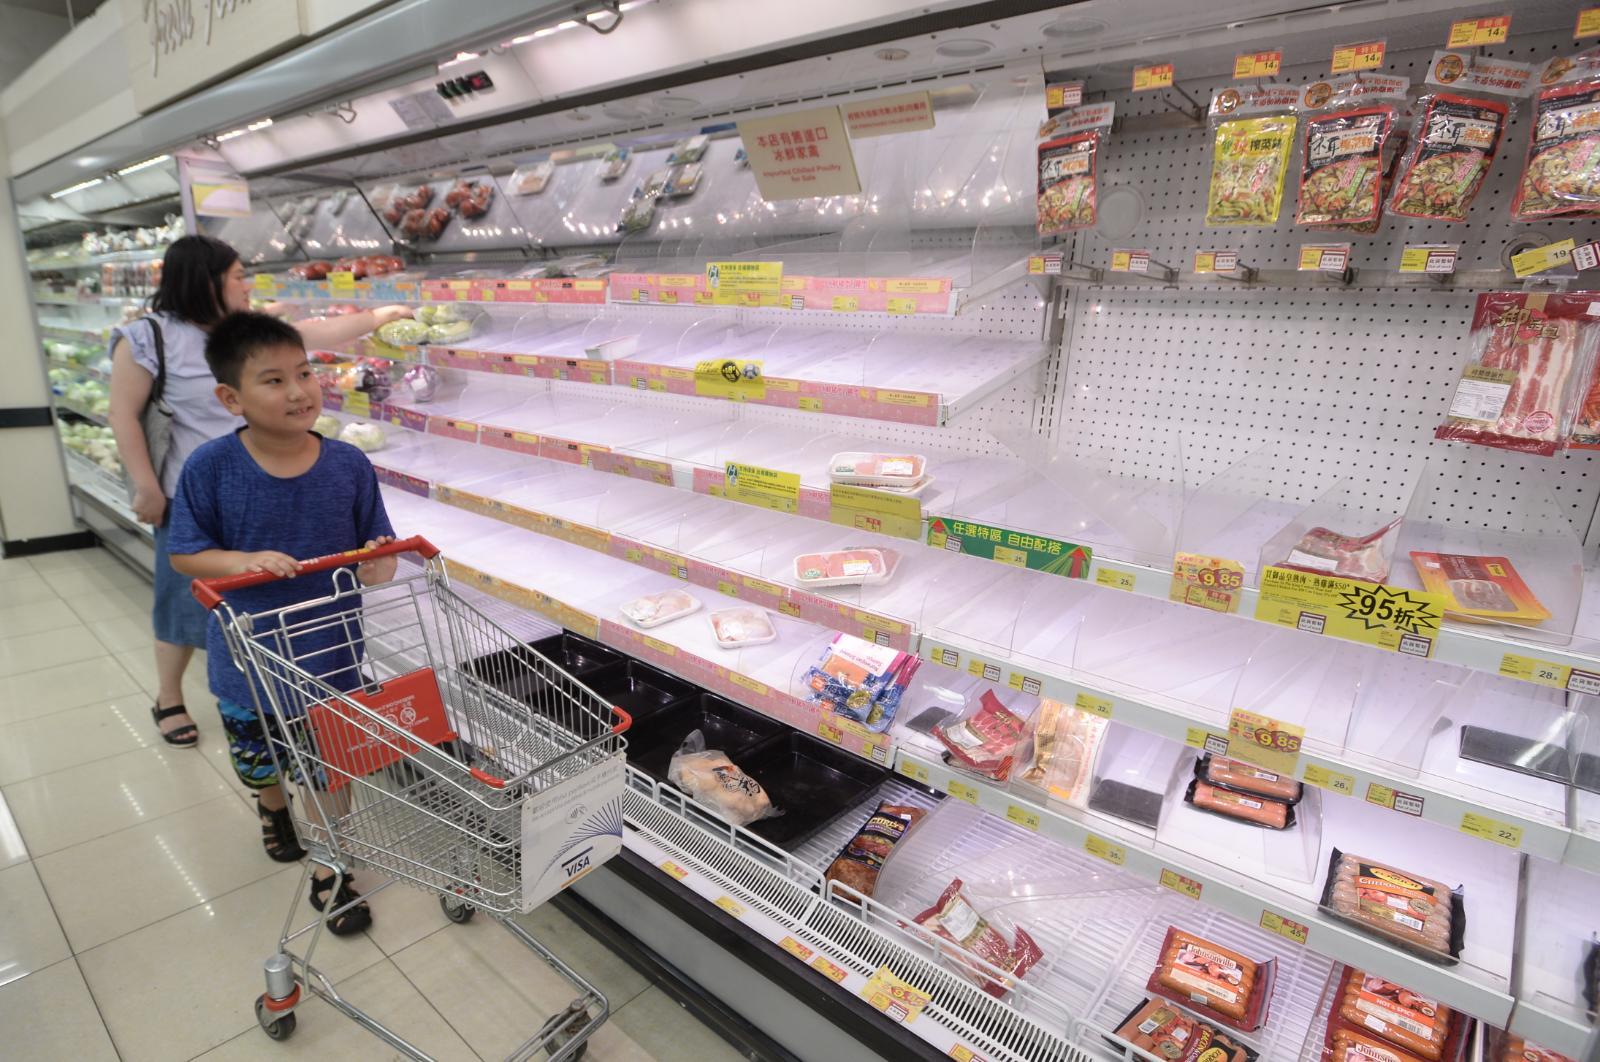 超市貨架被清空。